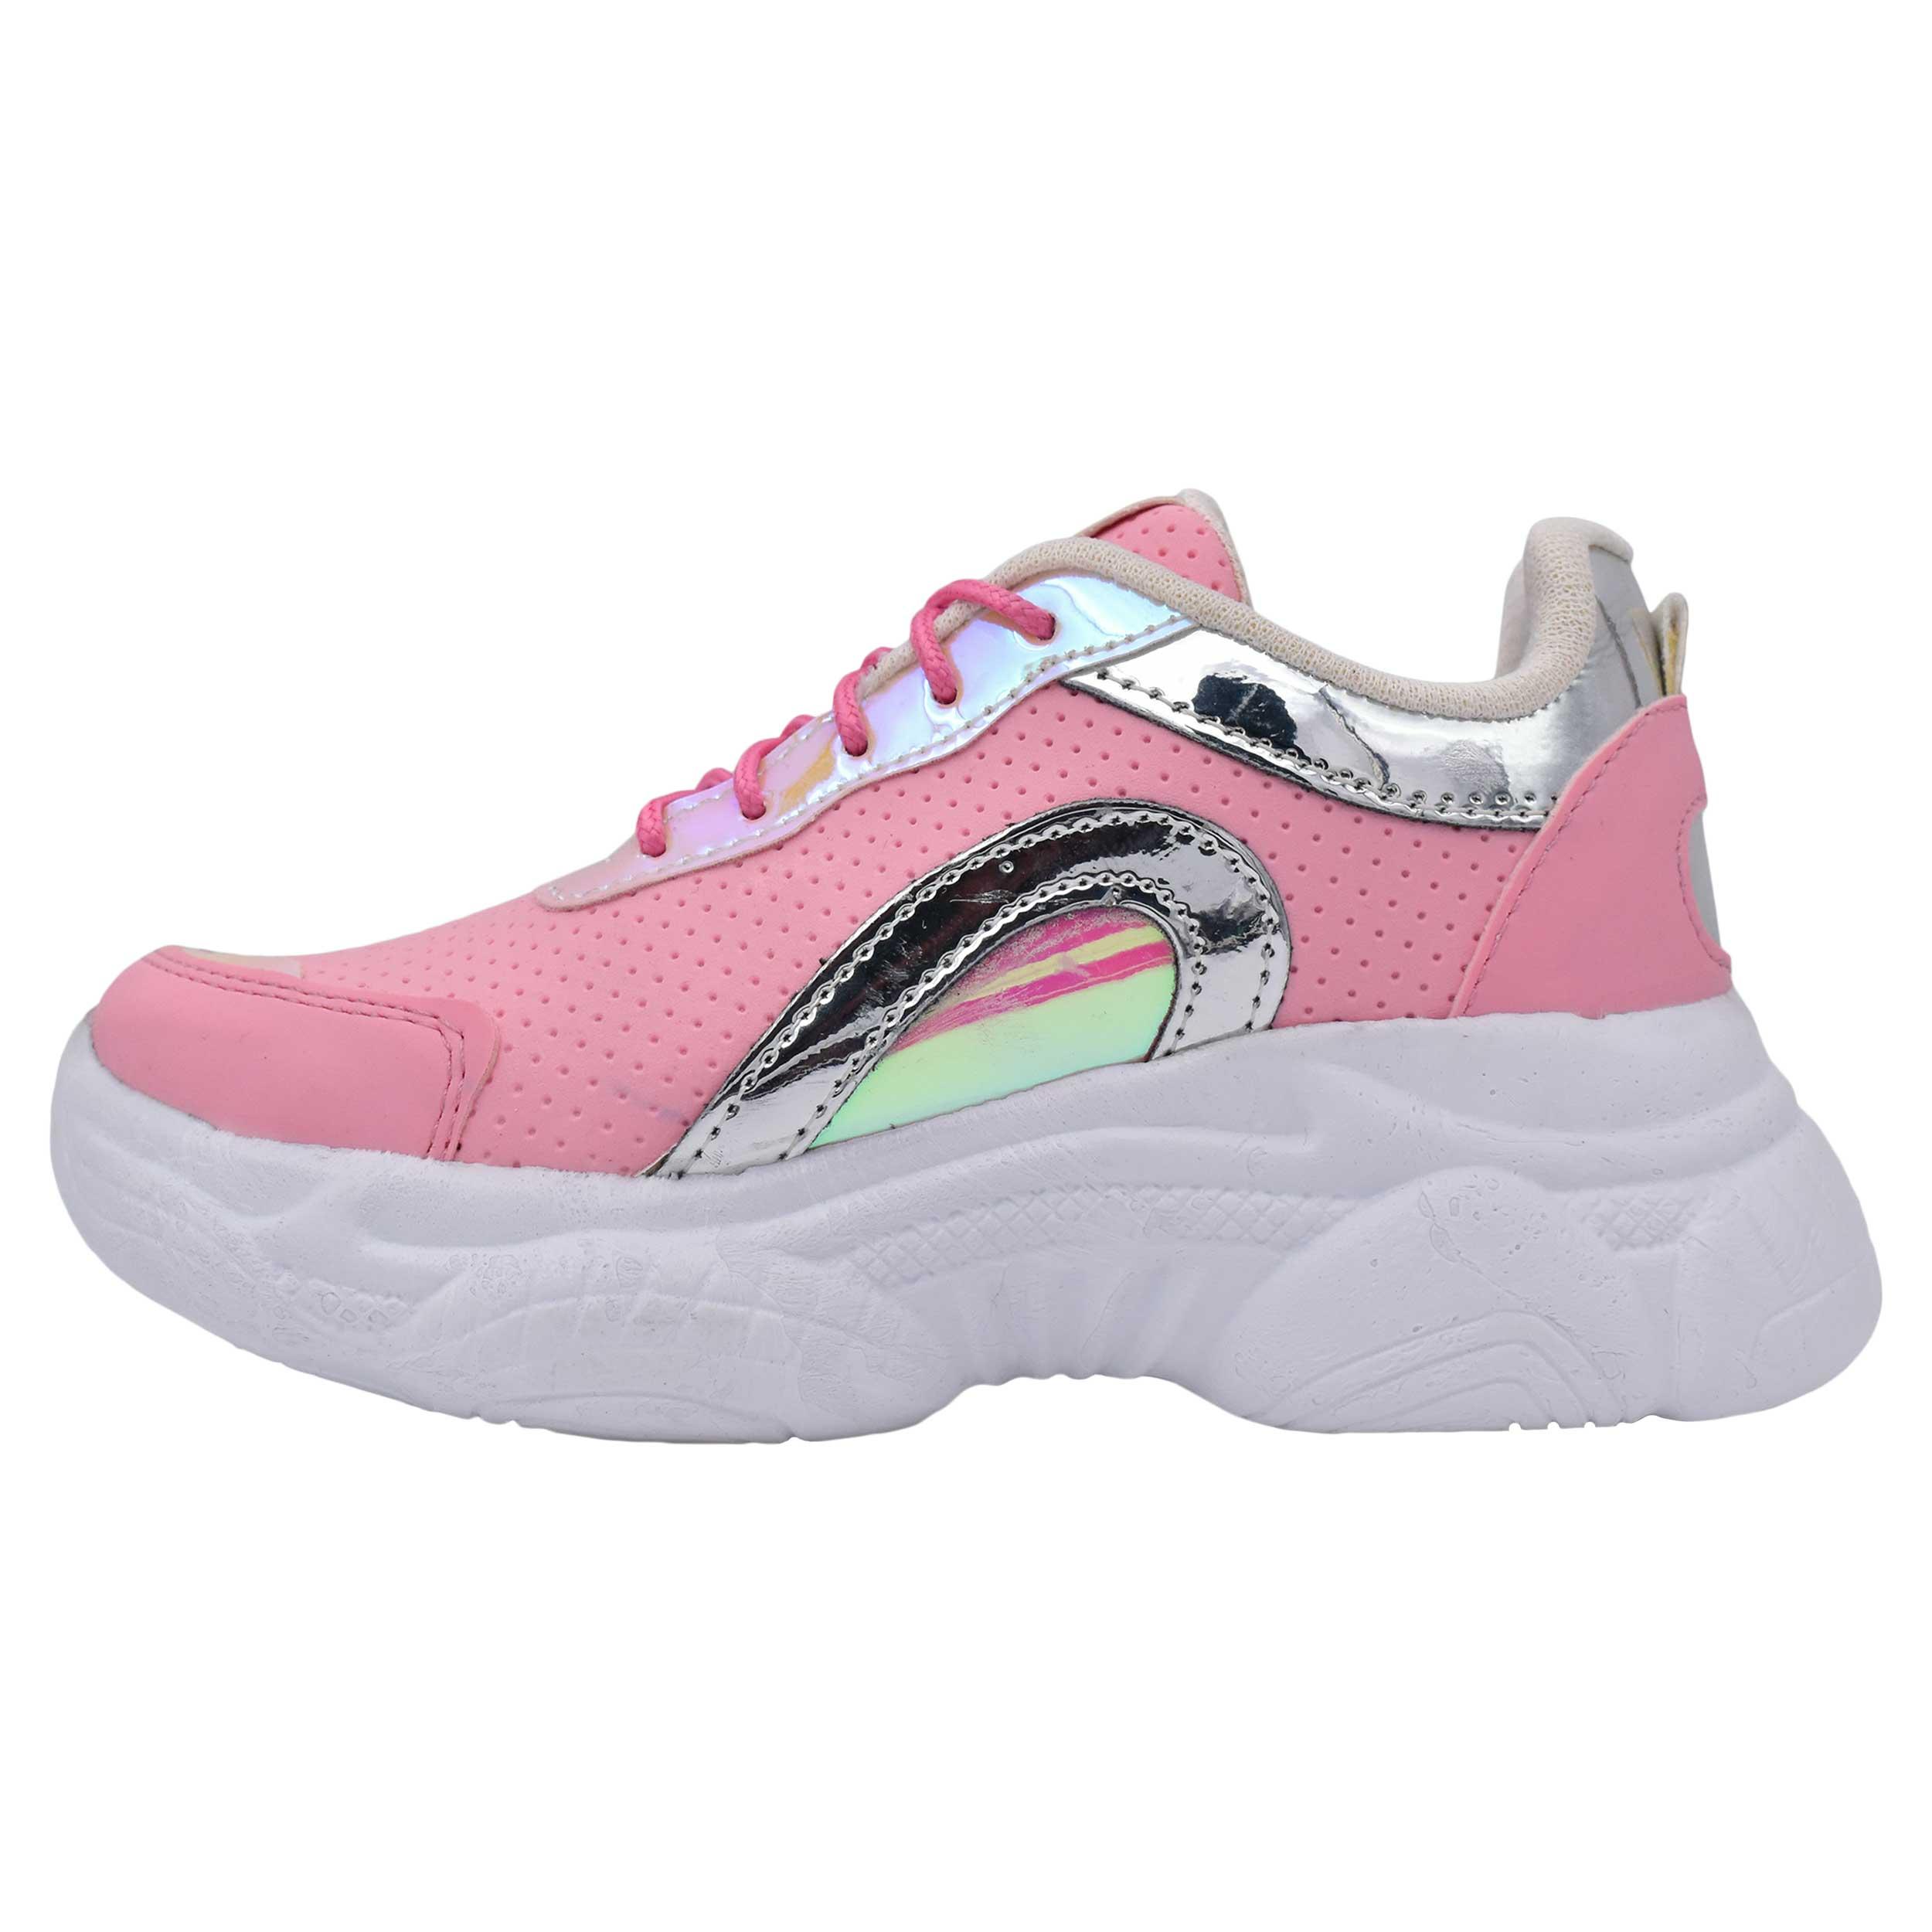 کفش مخصوص پیاده روی دخترانه کد 7564